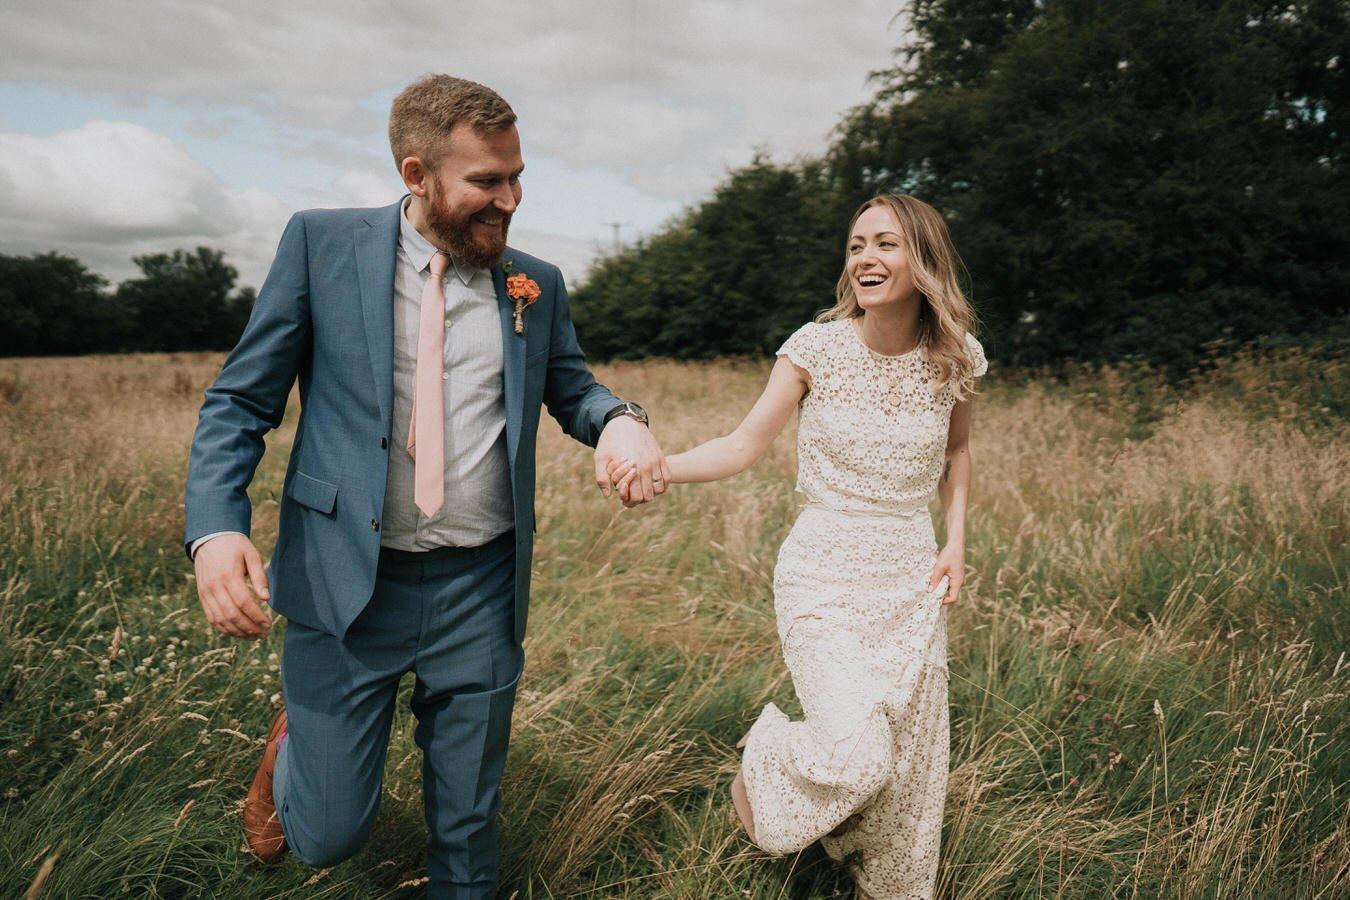 The-Station-House-wedding-Dublin-photographer- 0116 114